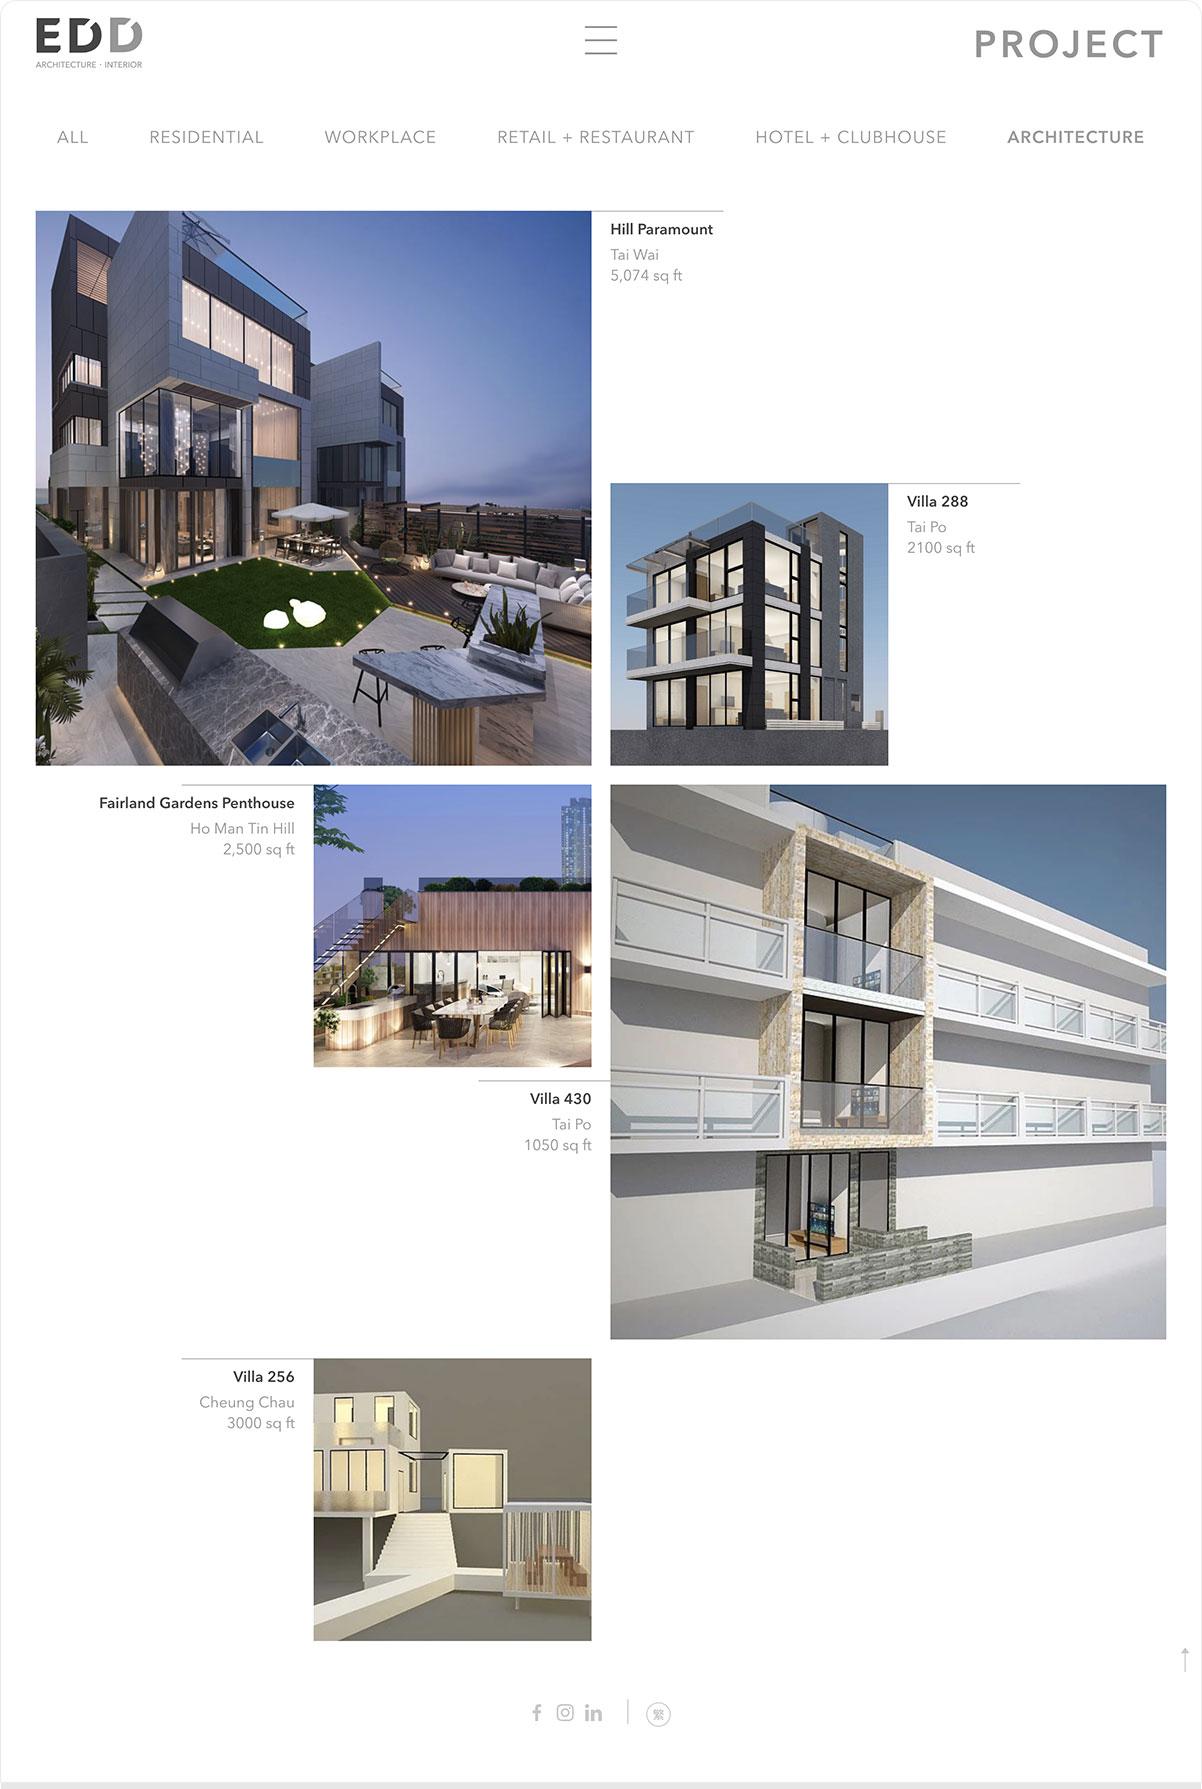 edd-detailpage-3.jpg